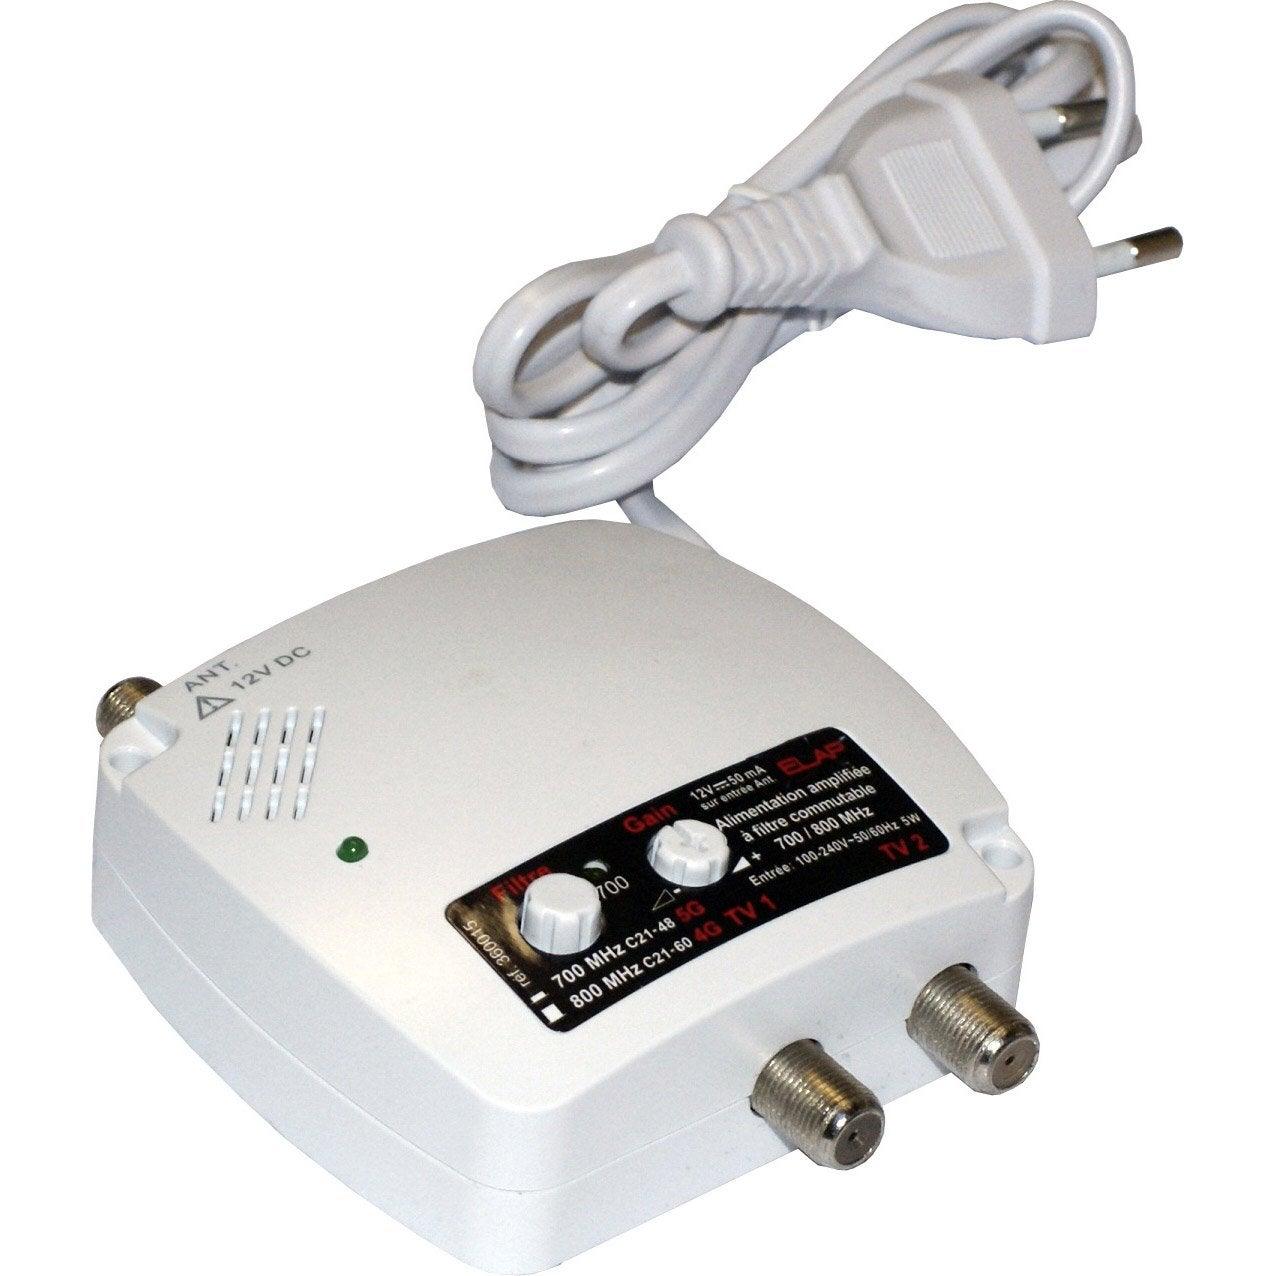 Amplificateur Elap 341057 Comparer Les Prix Des